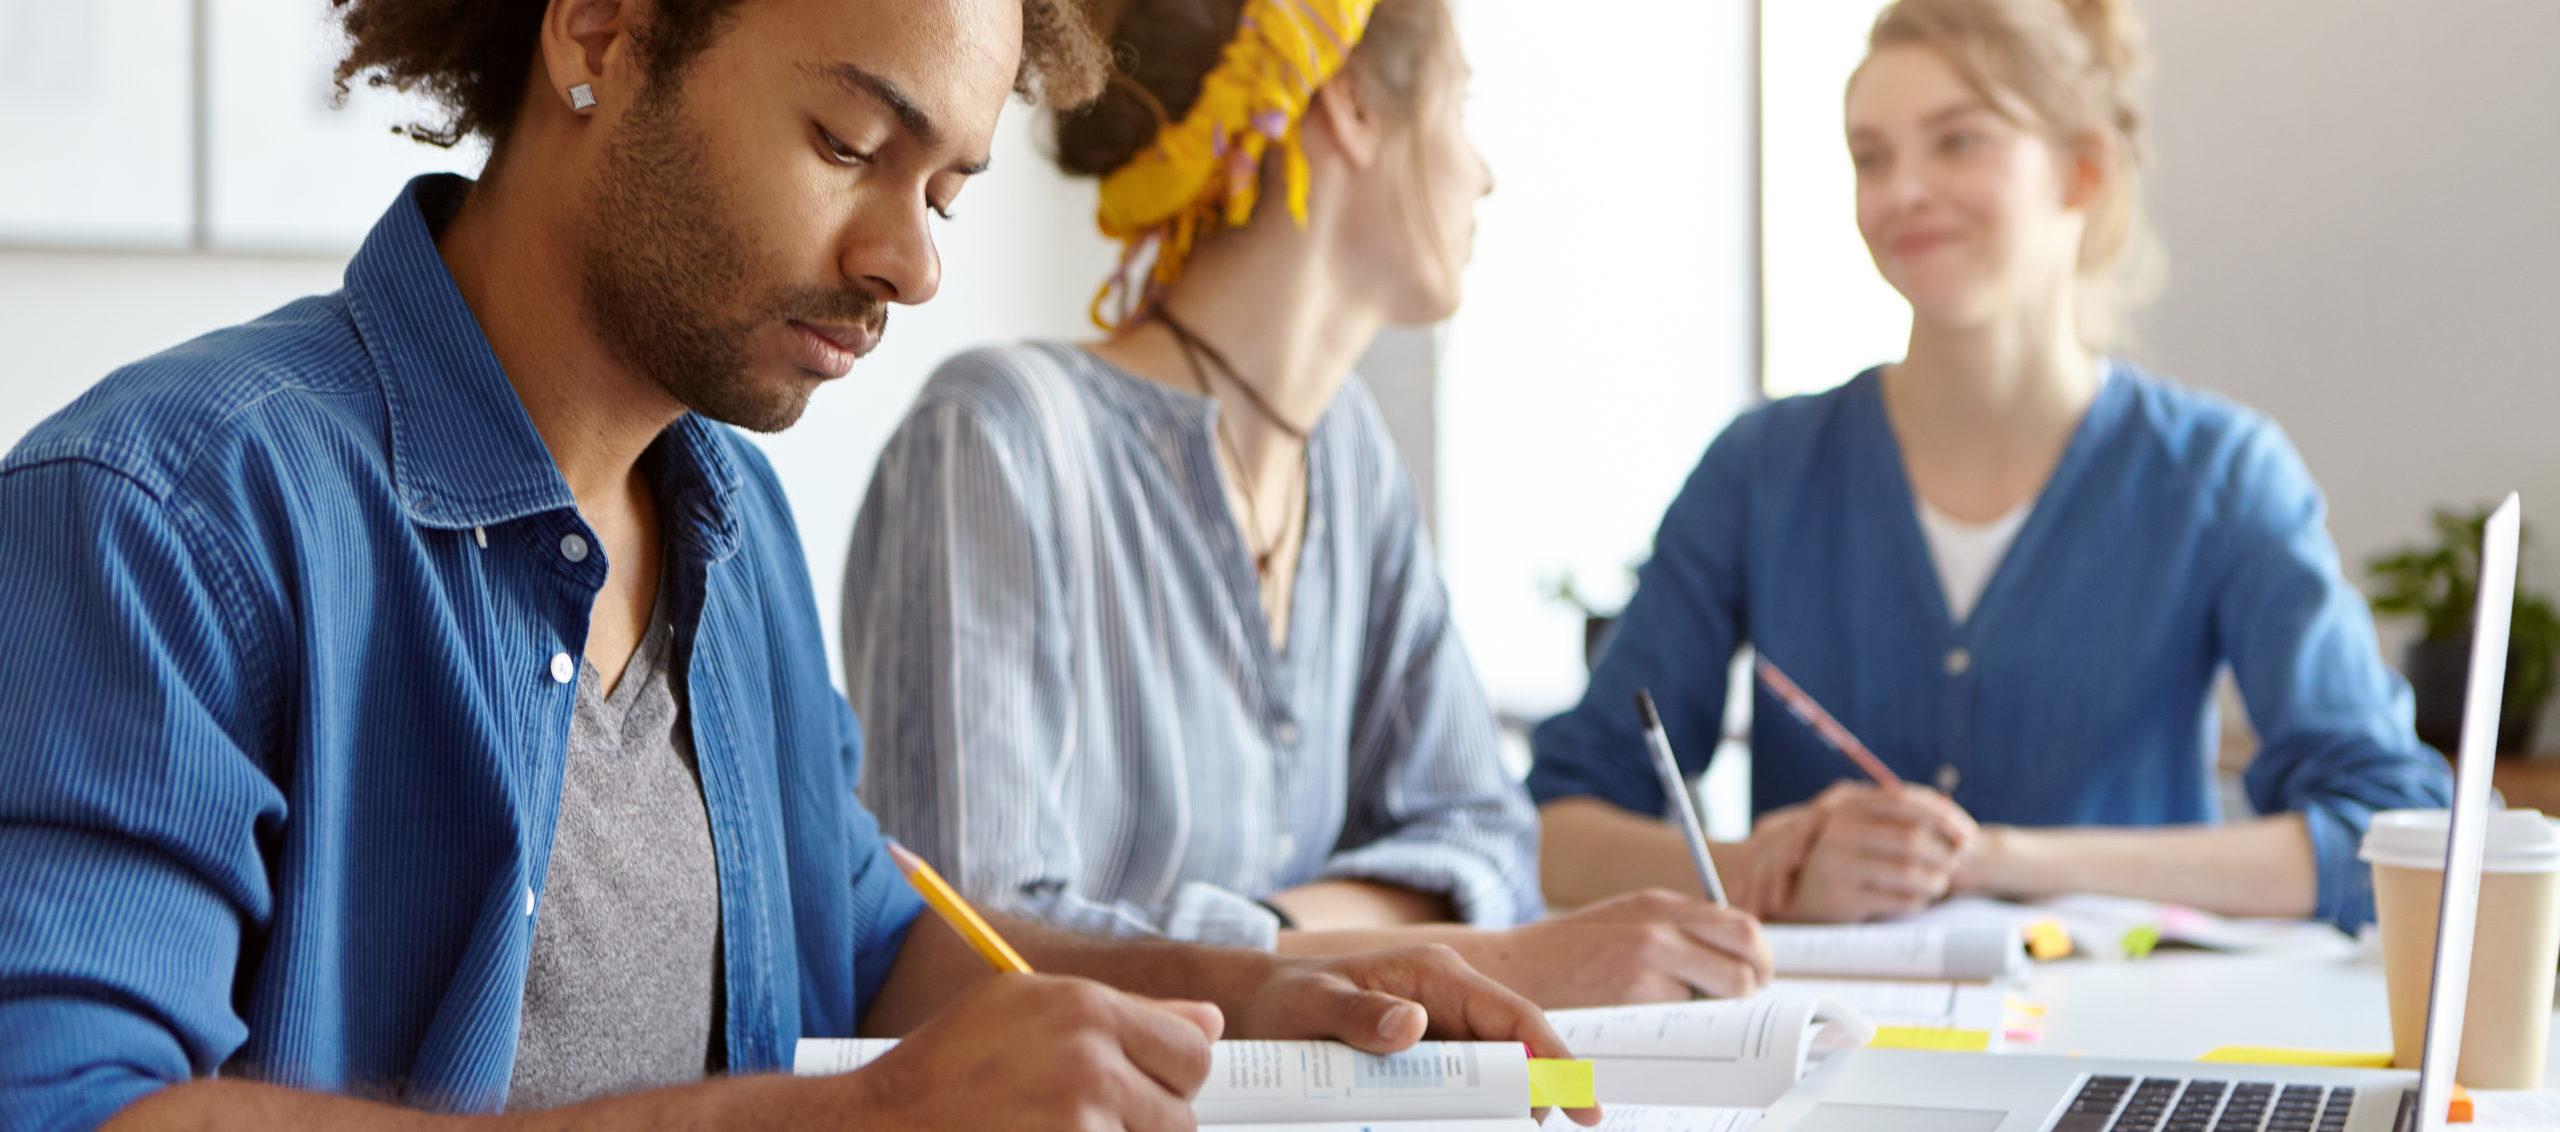 Coaching méthodologie étudiants